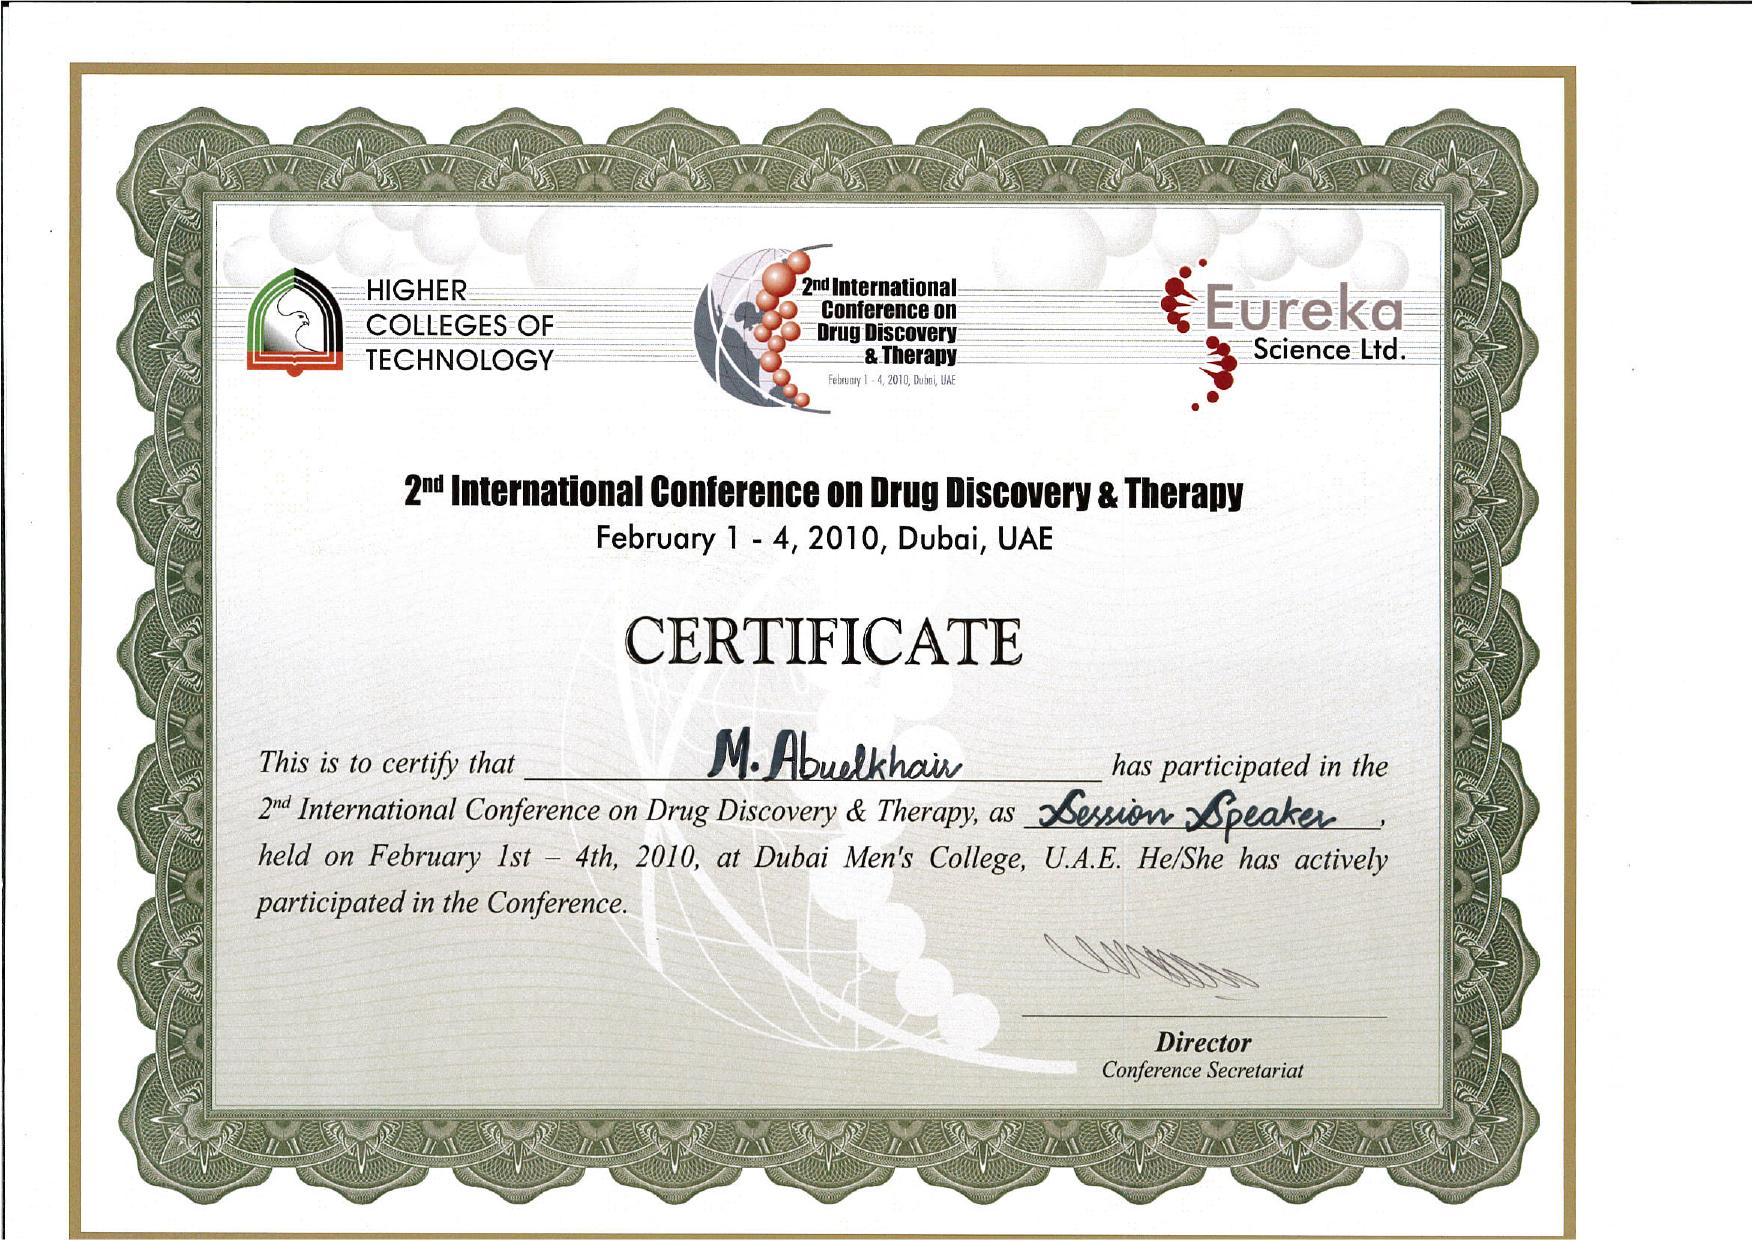 Dr-Abuelkhair-Certificates32.jpg